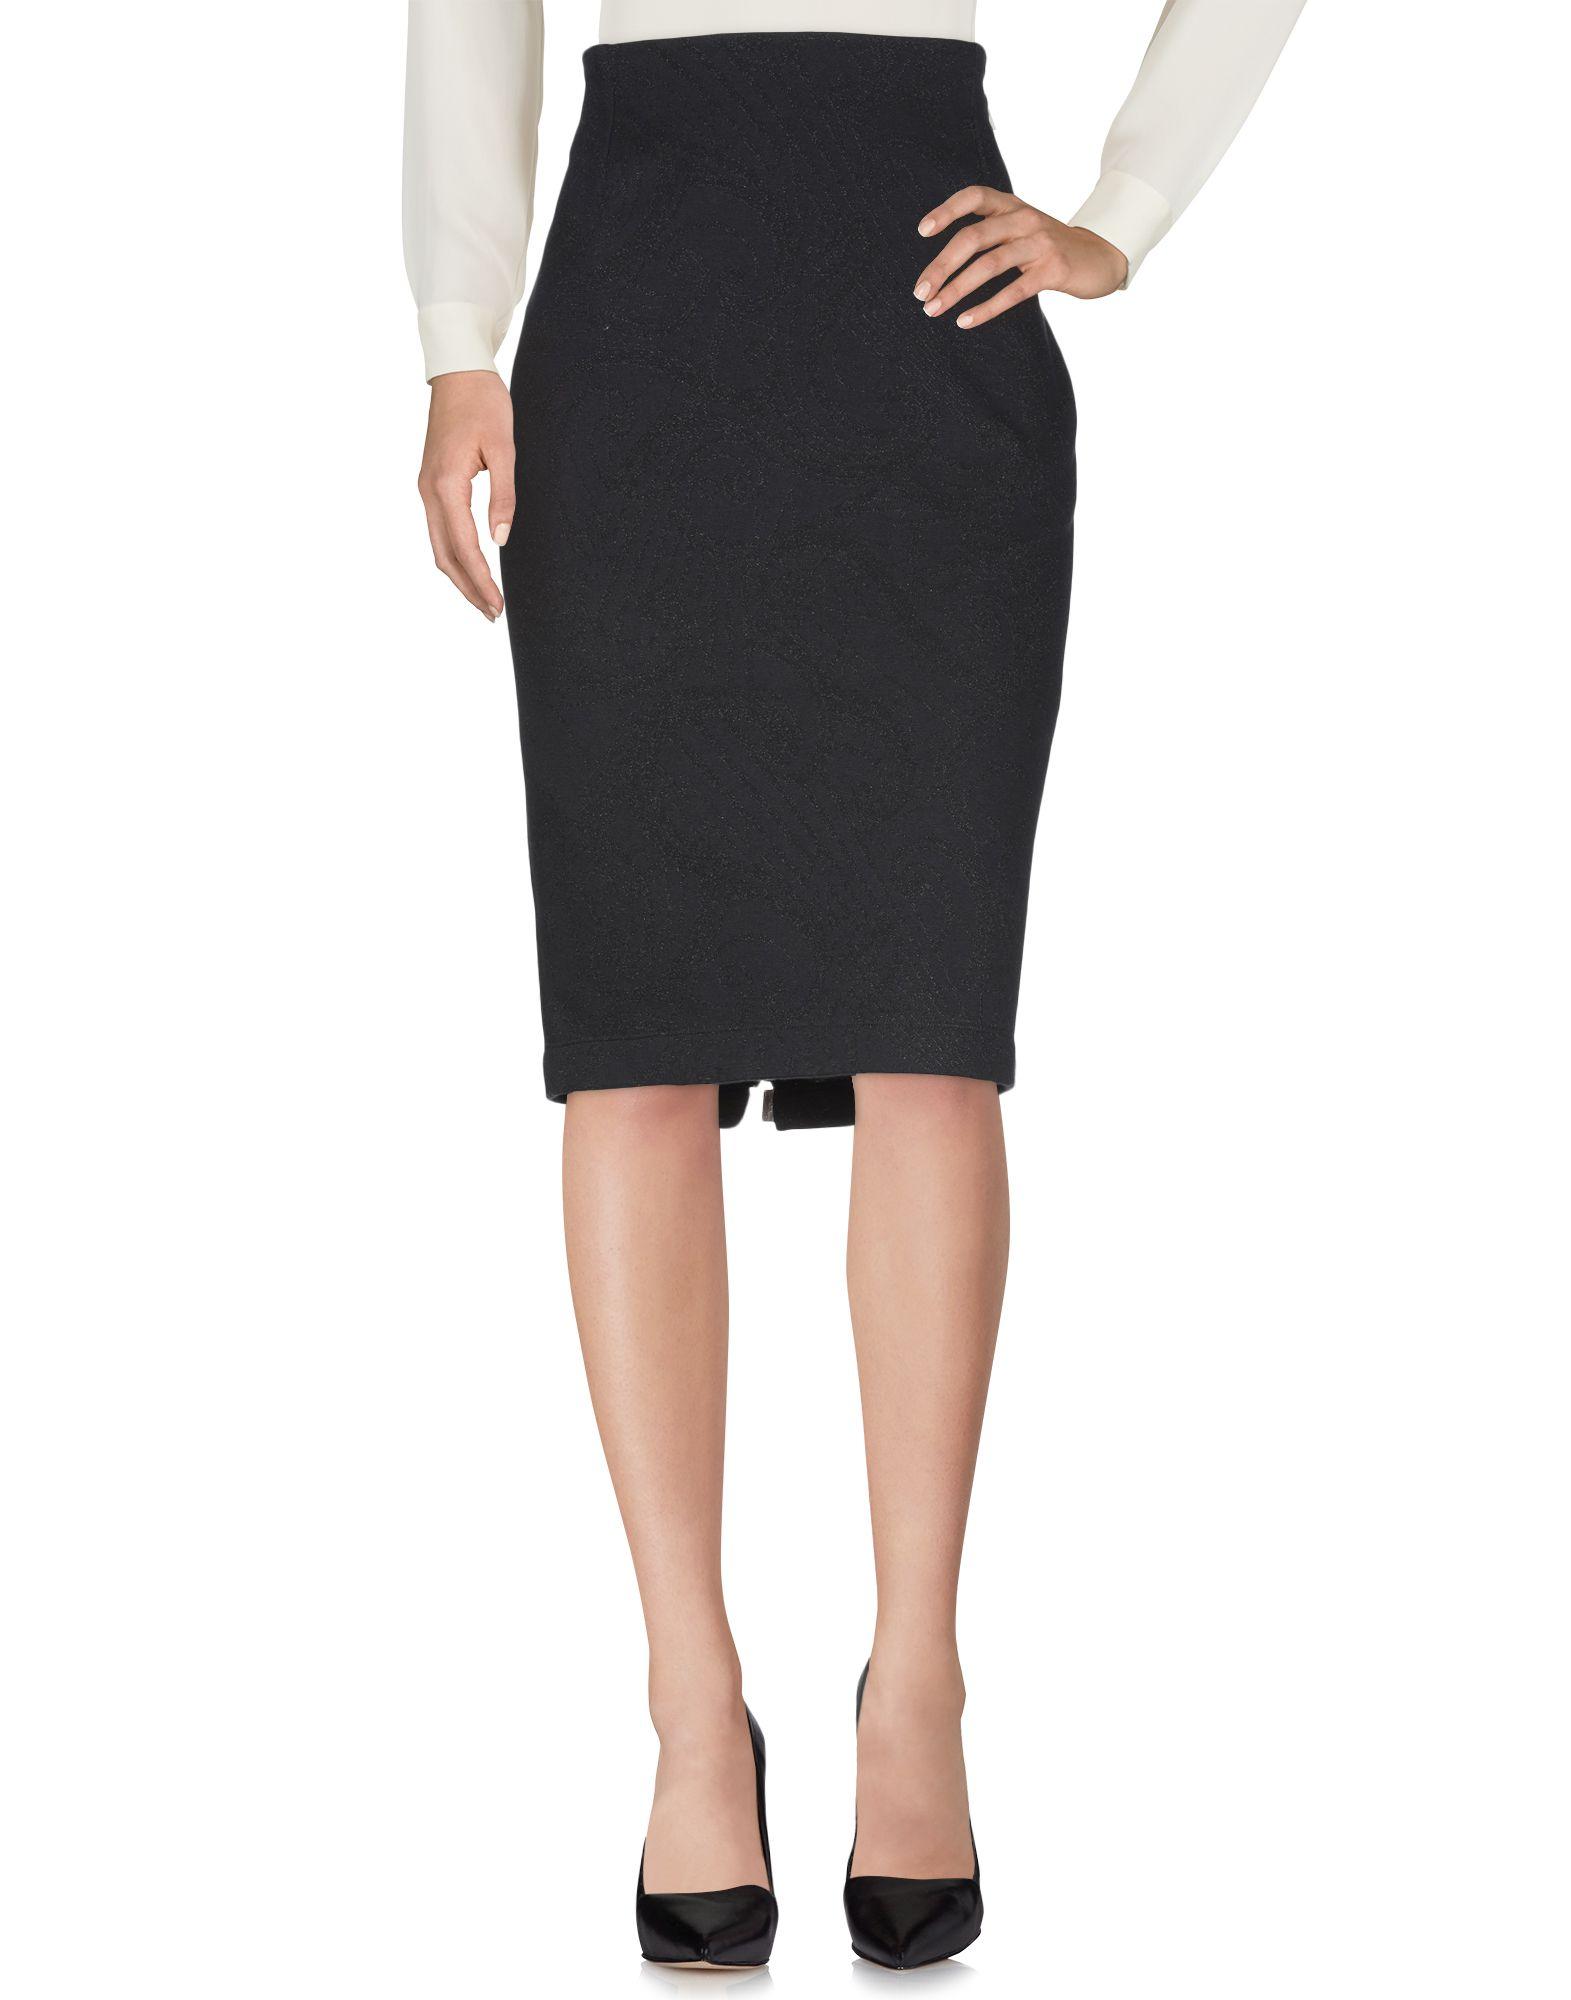 Gonna Longuette Longuette Longuette Versace Jeans donna - 35383615WJ bbf